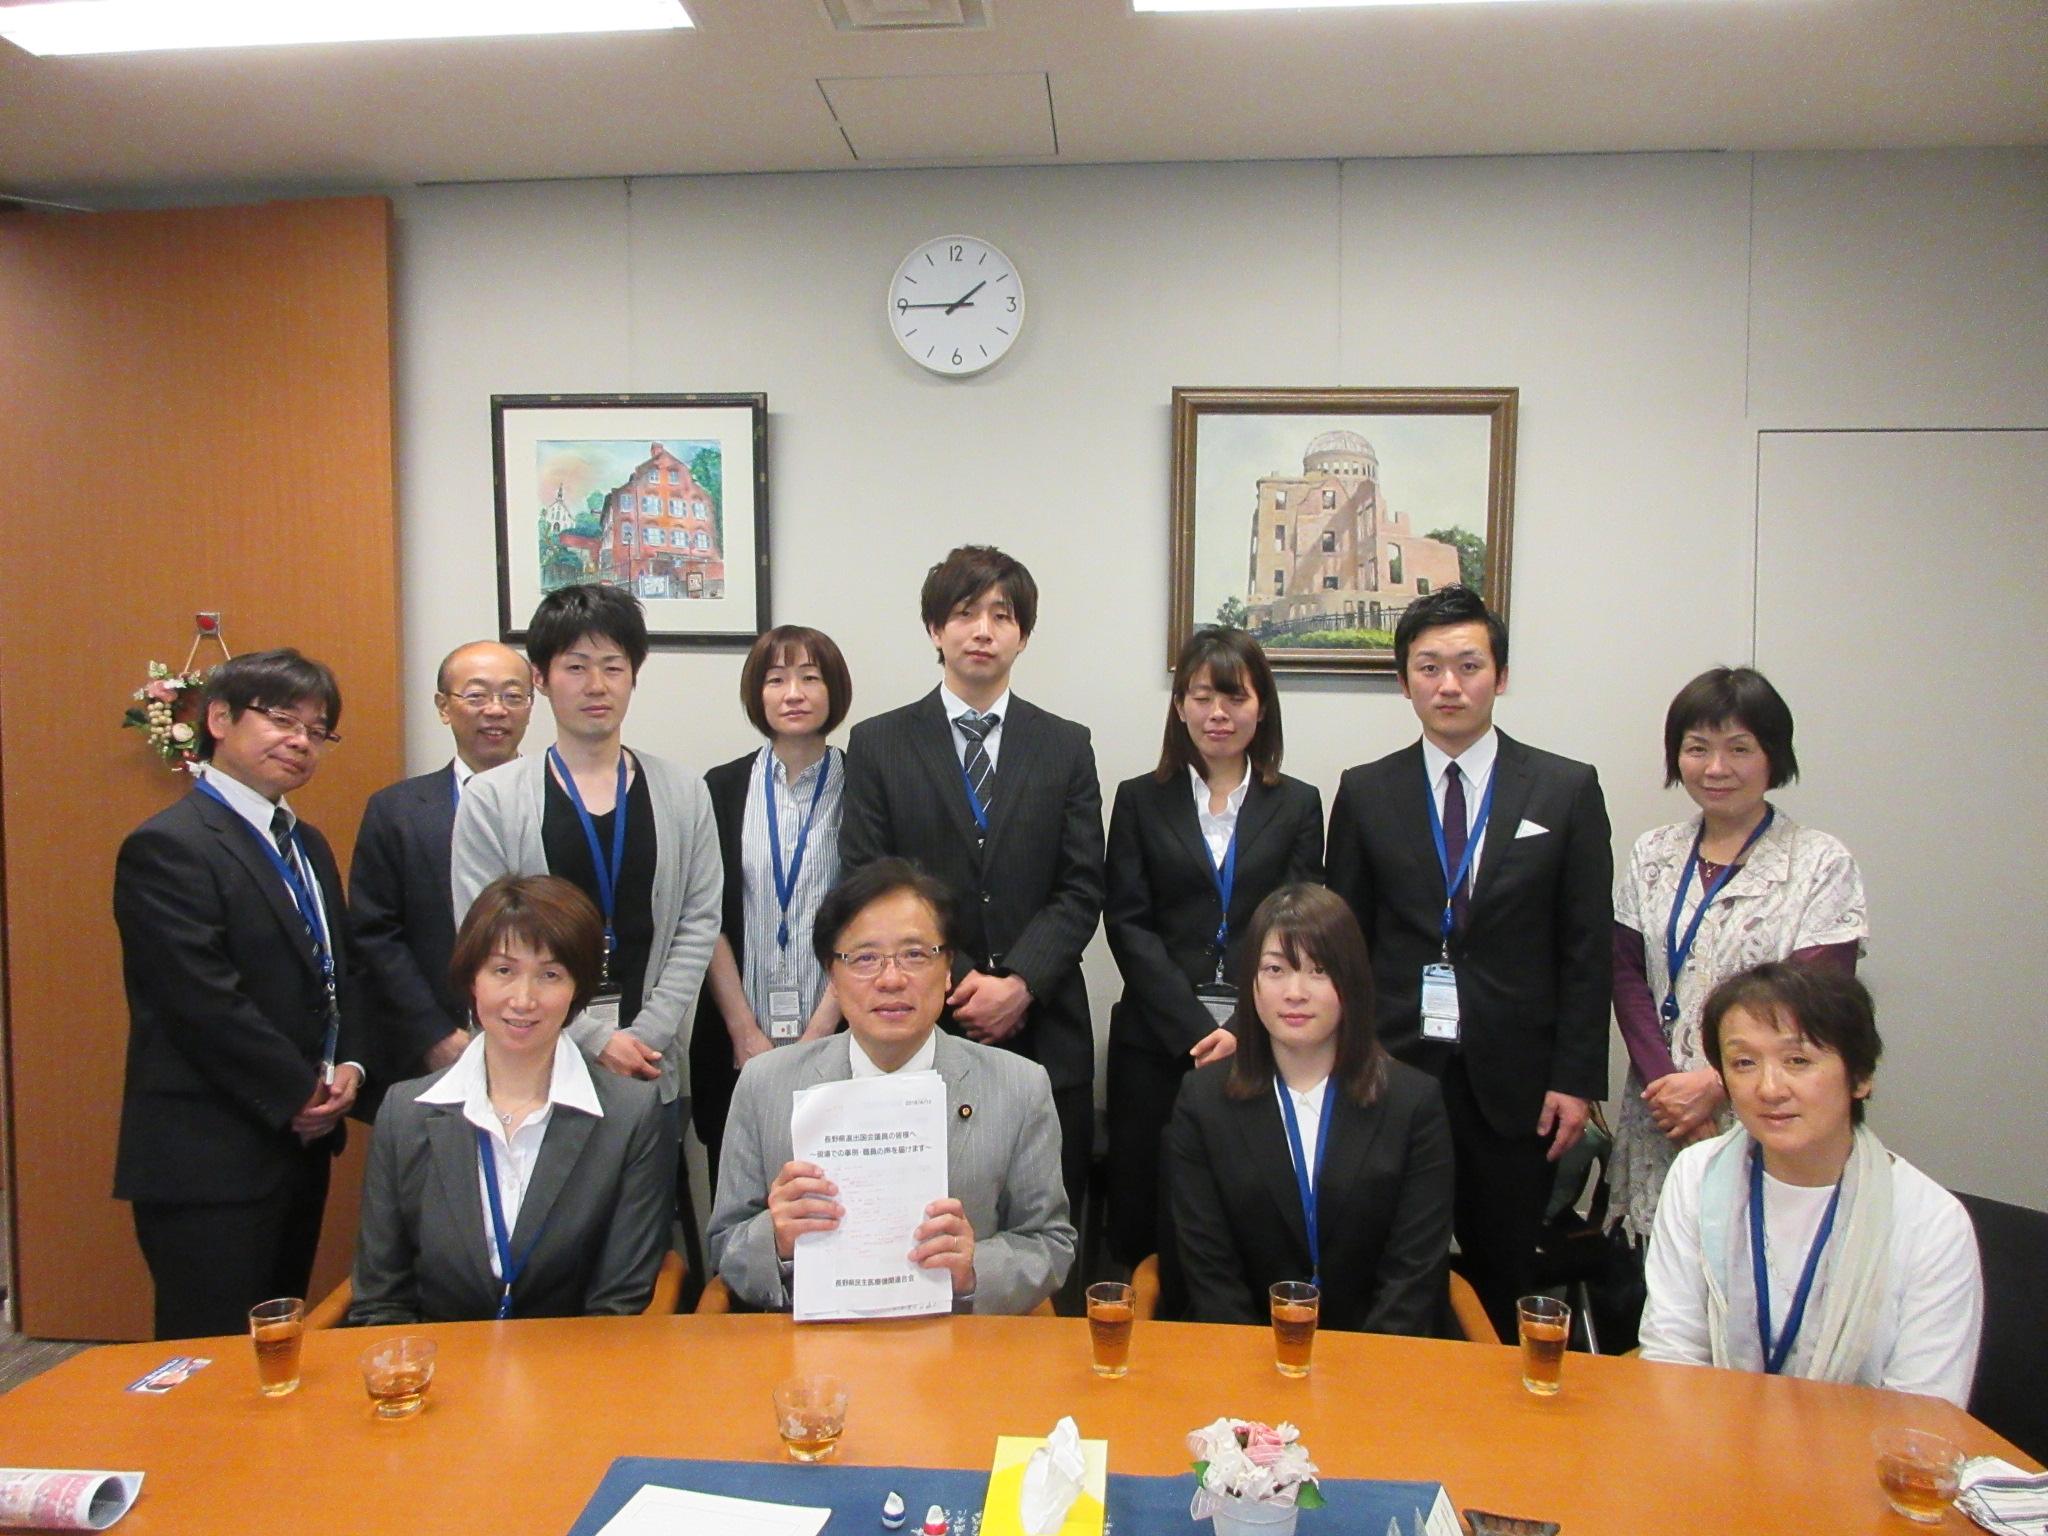 http://www.inoue-satoshi.com/diary/IMG_4155.JPG